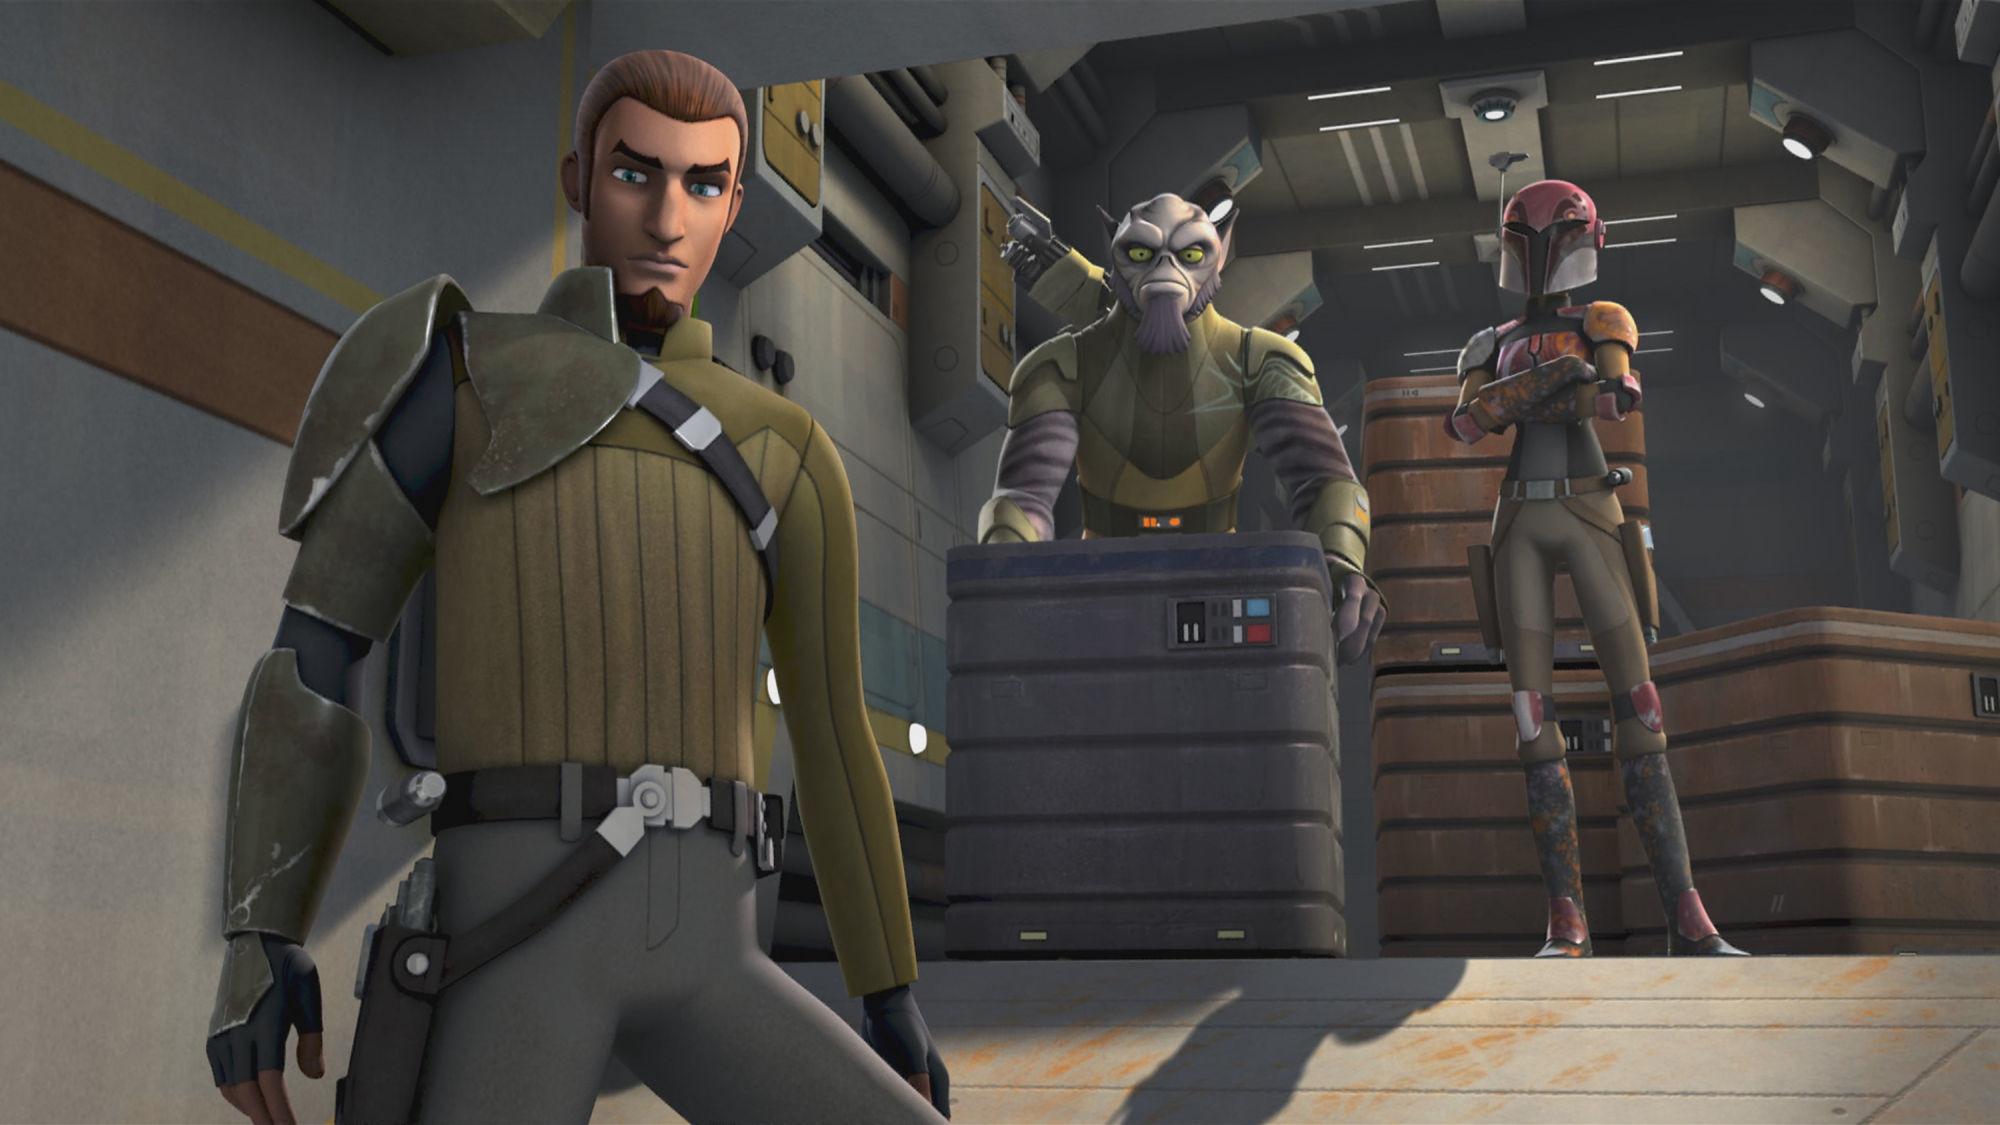 TV Show – Star Wars Rebels Zeb Orrelios Kanan Jarrus Sabine Wren Wallpaper